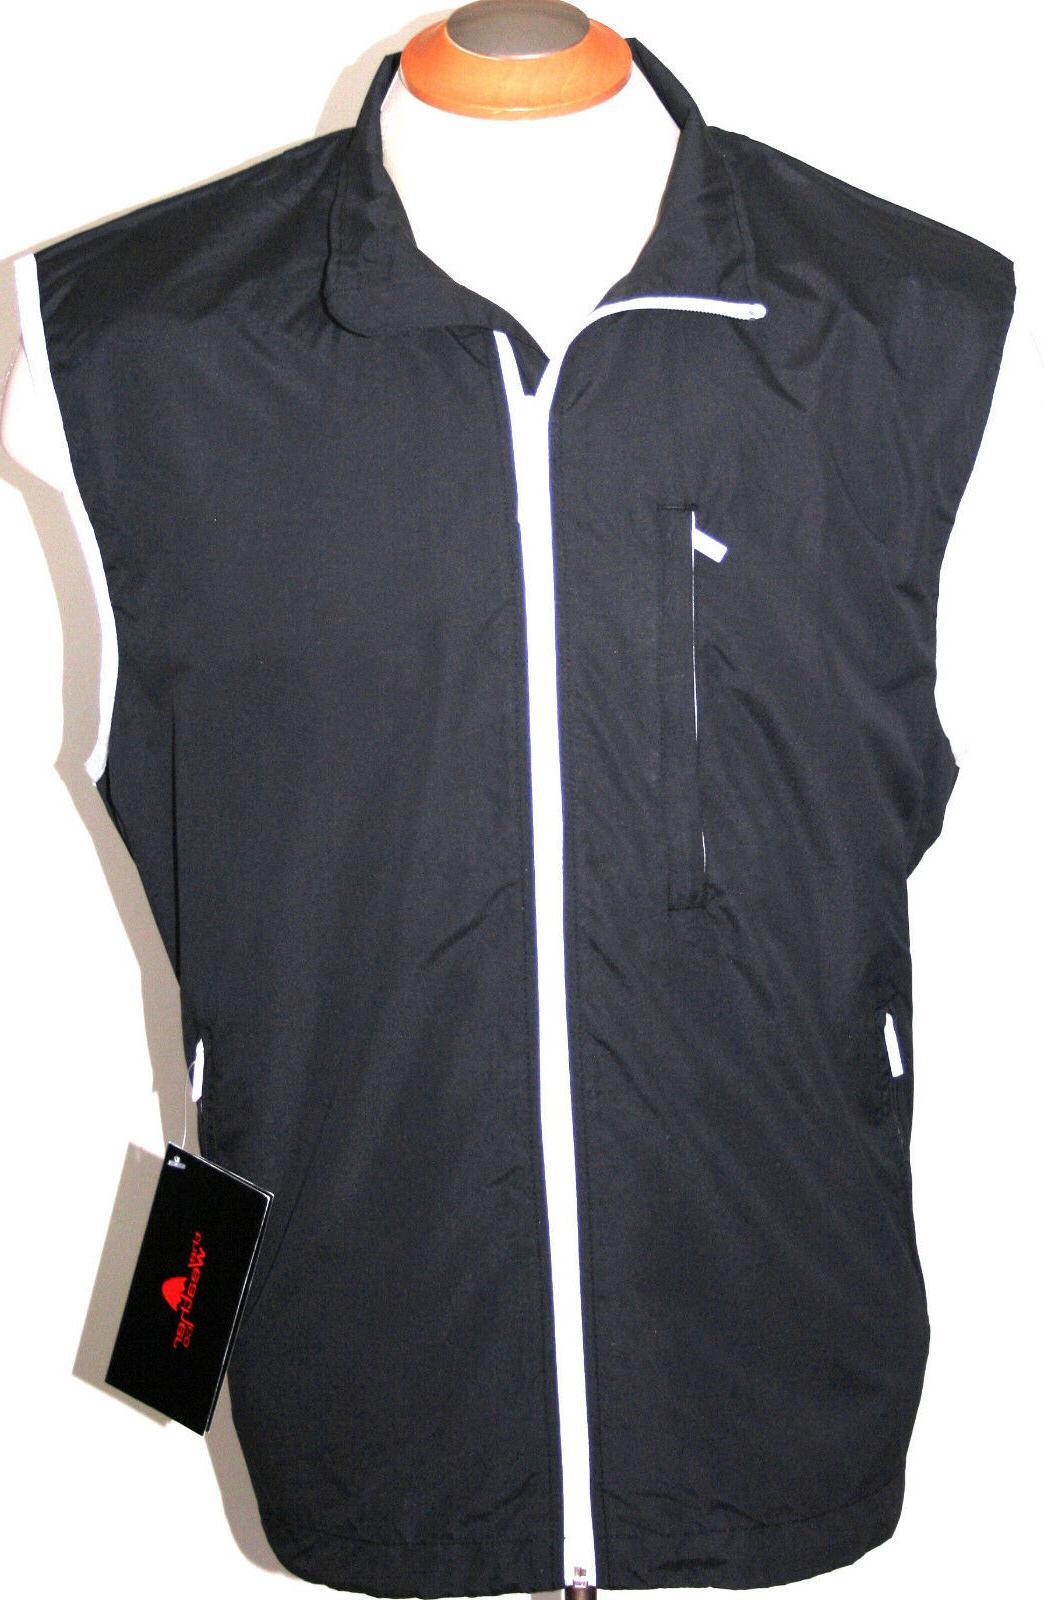 mens golf vest waterproof rain jacket black